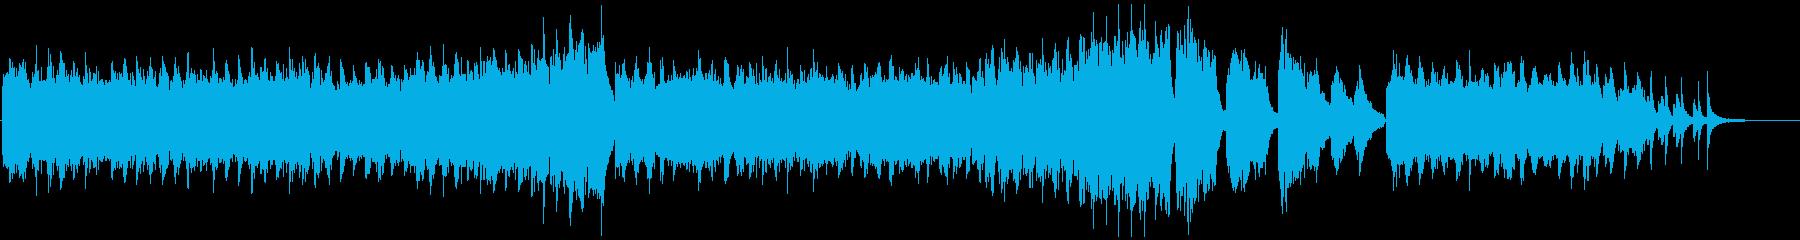 激しく流れるような、切迫したピアノの再生済みの波形